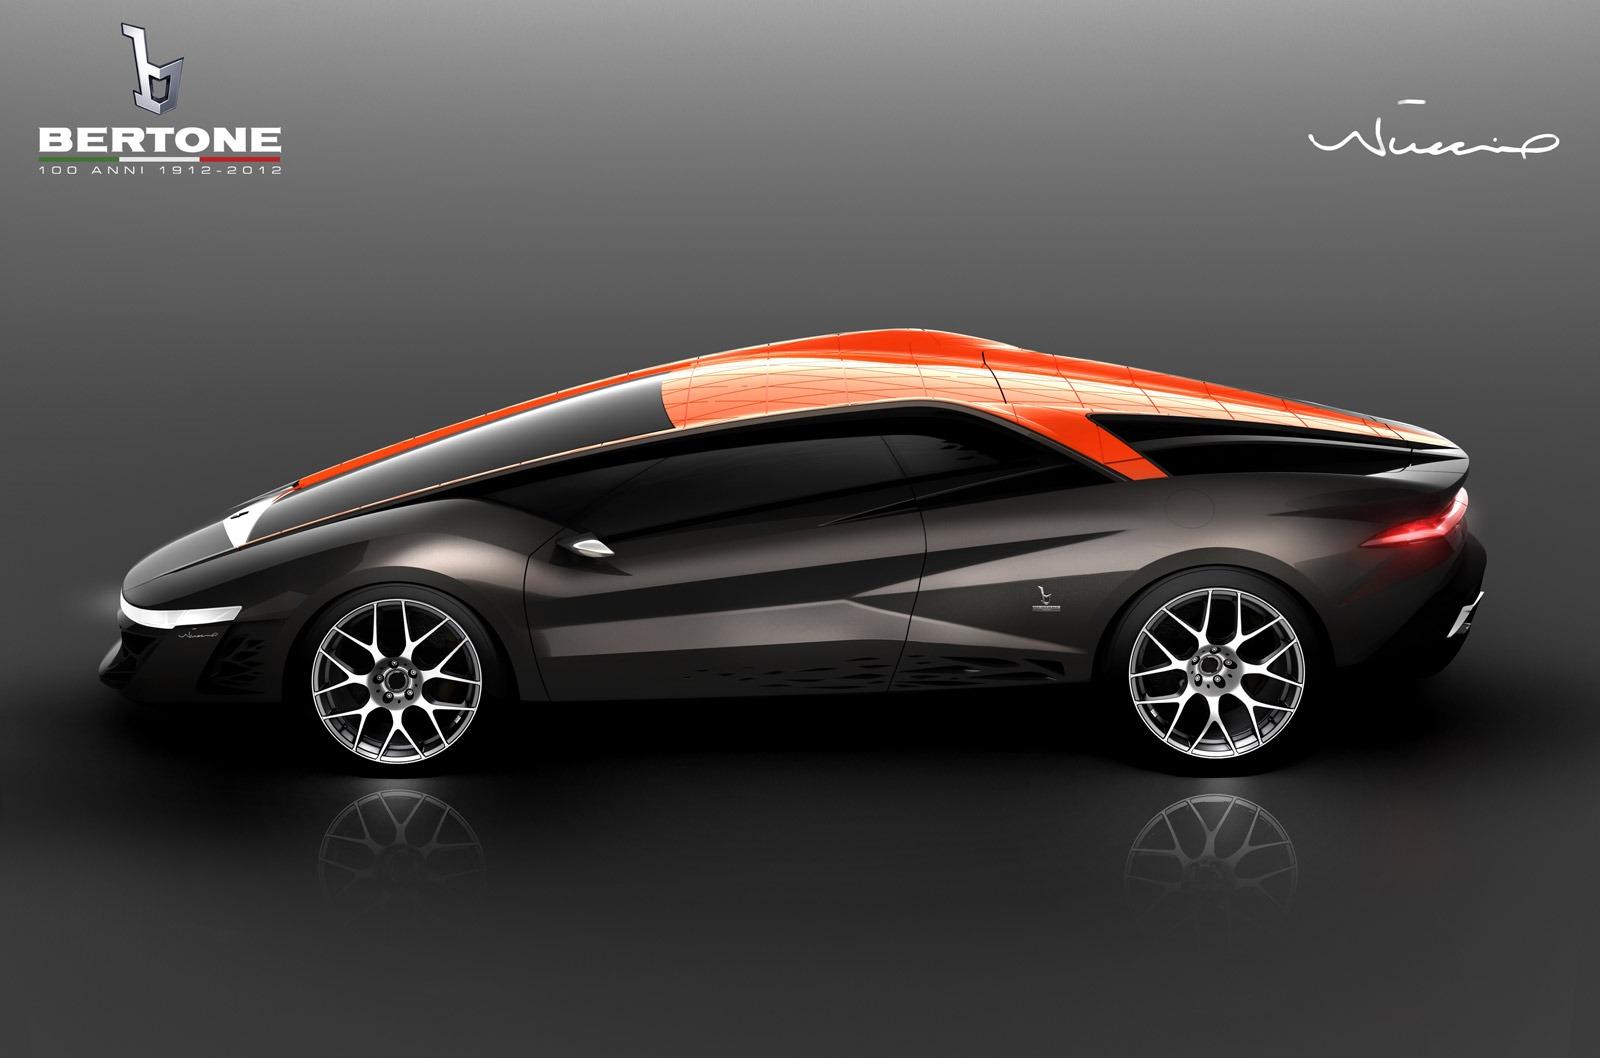 2012_Bertone_Nuccio_Concept_02_1